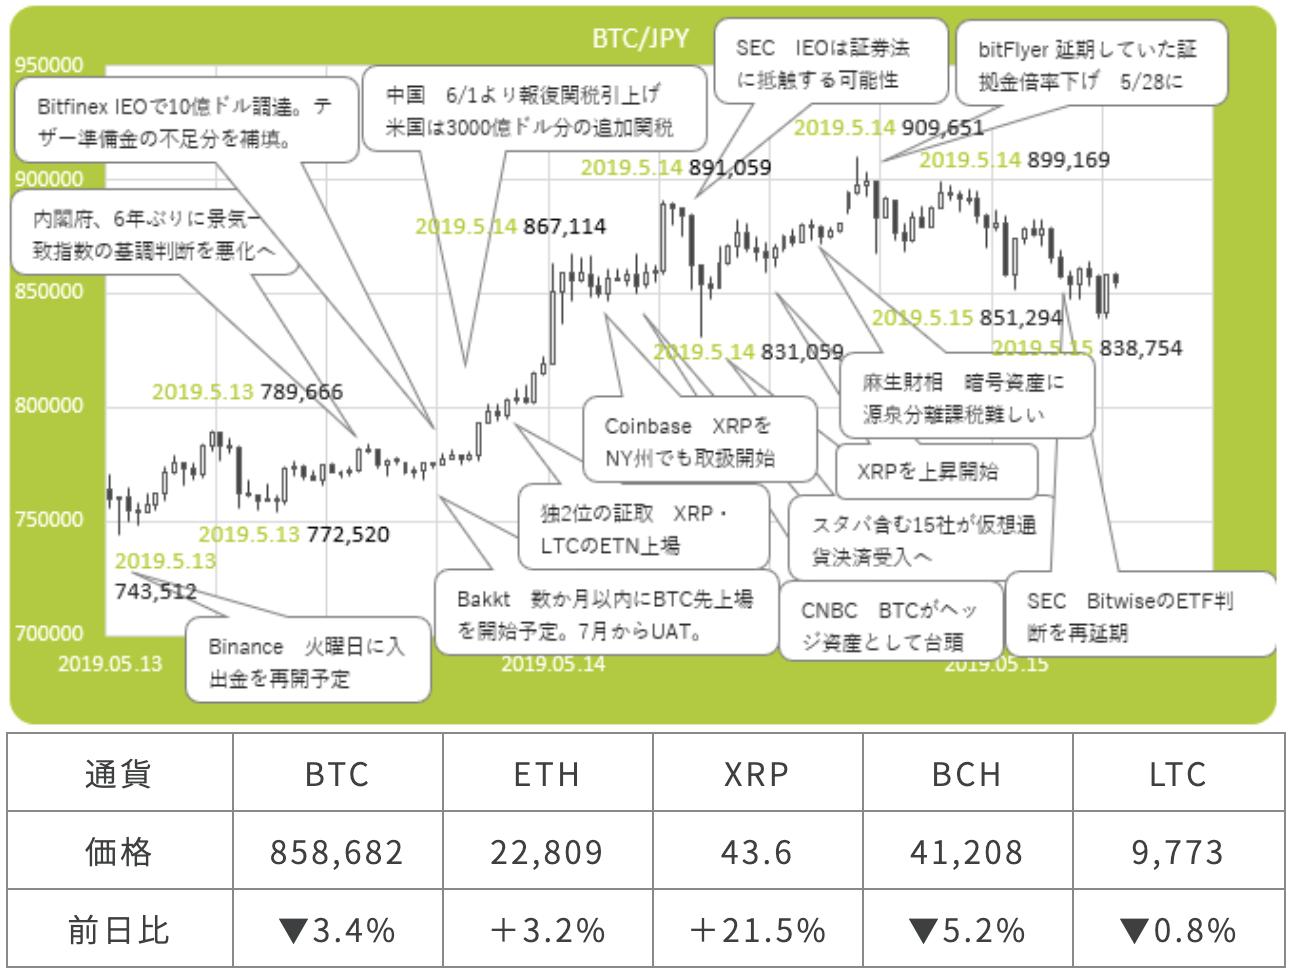 ビットコイン/円の市況概要図